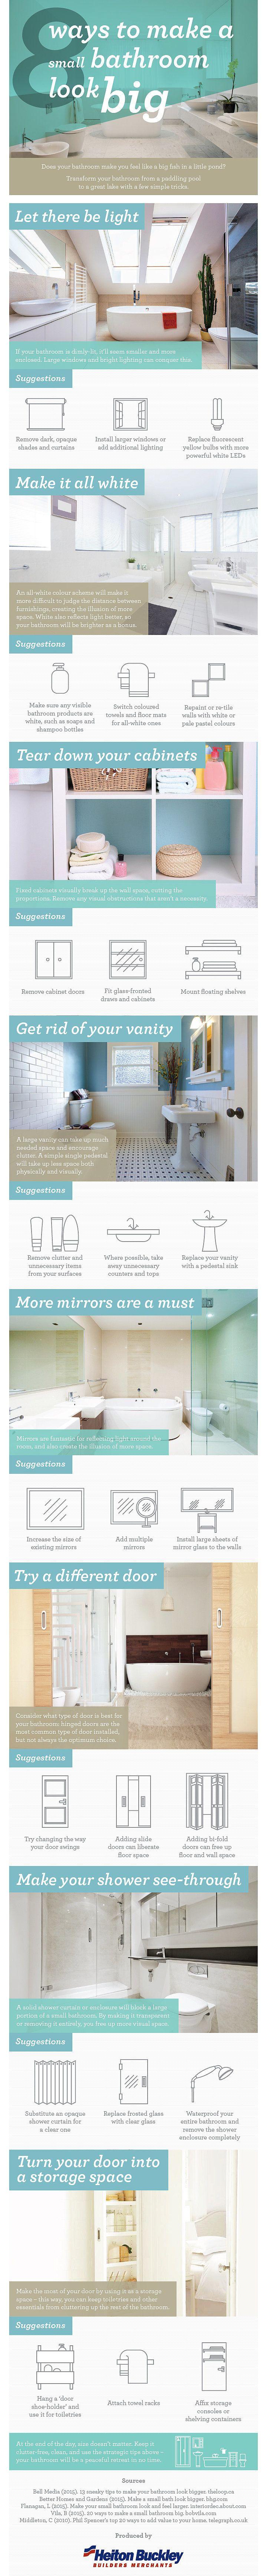 Ways to Make a Small Bathroom Look Bigger | POPSUGAR Home